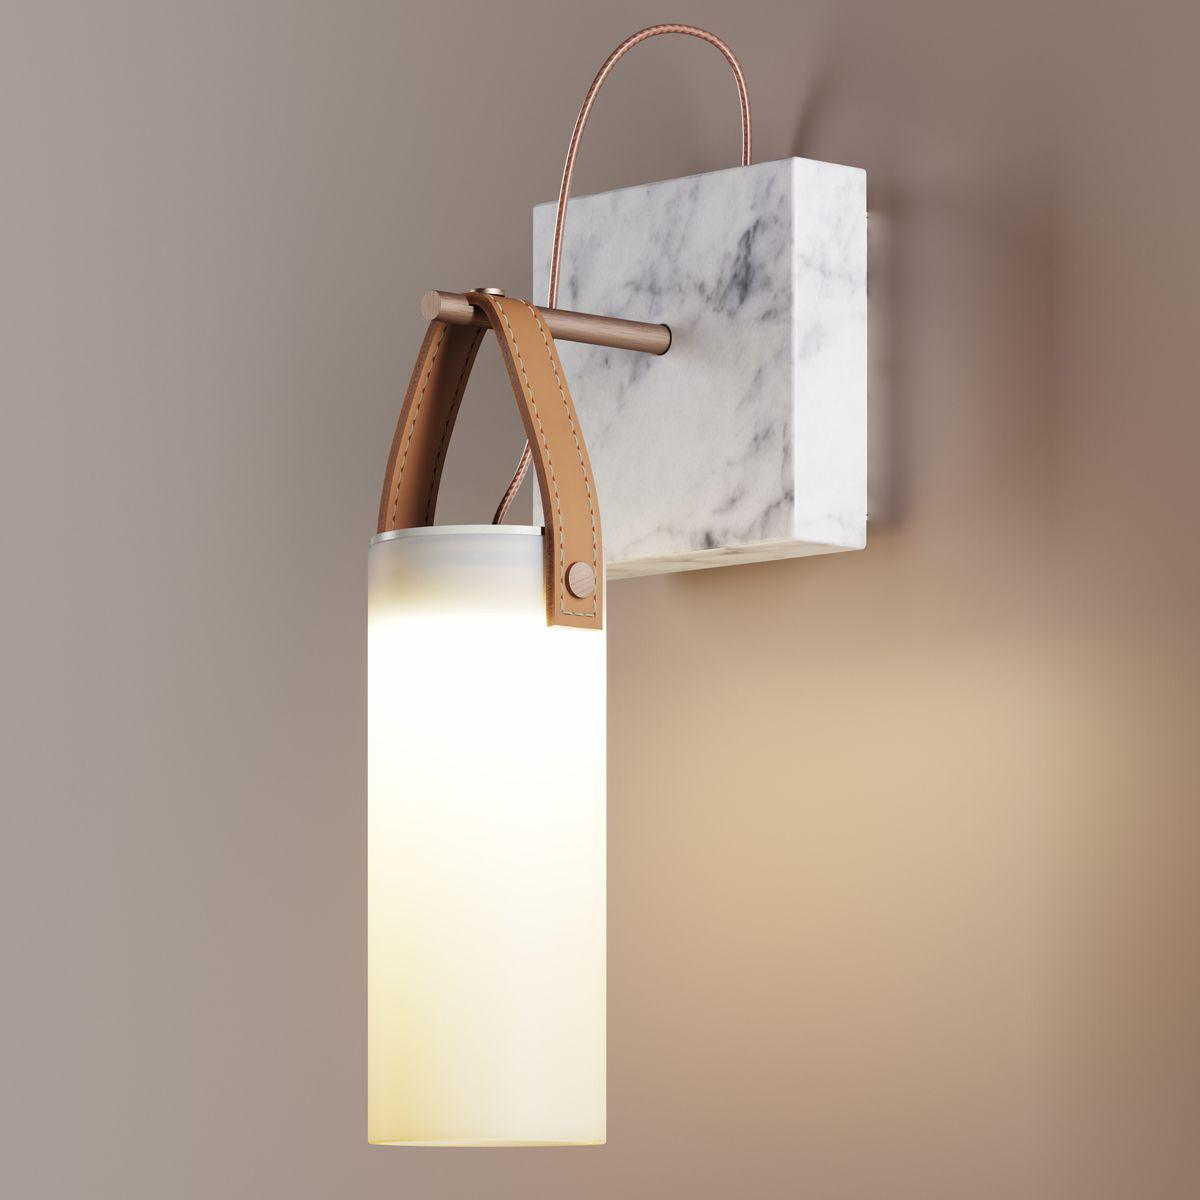 Luminaire - Appliques - Applique Galerie LED / Marbre & verre - Fontana Arte - Bronze & blanc - Cuir naturel, Marbre, Métal brossé, Verre soufflé